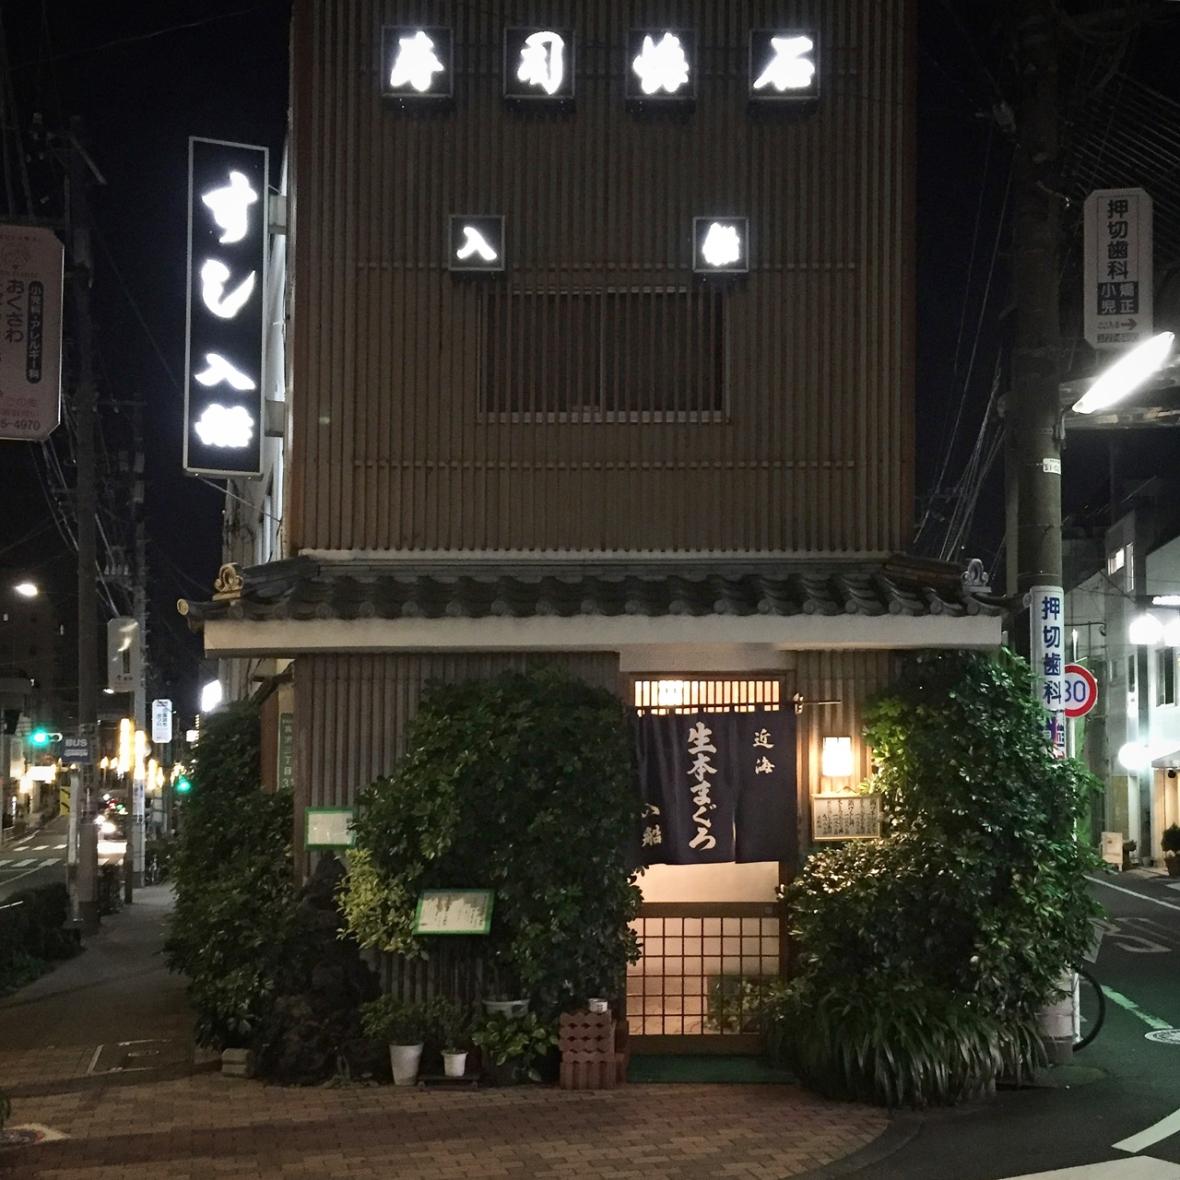 Irifune Sushi Restaurant